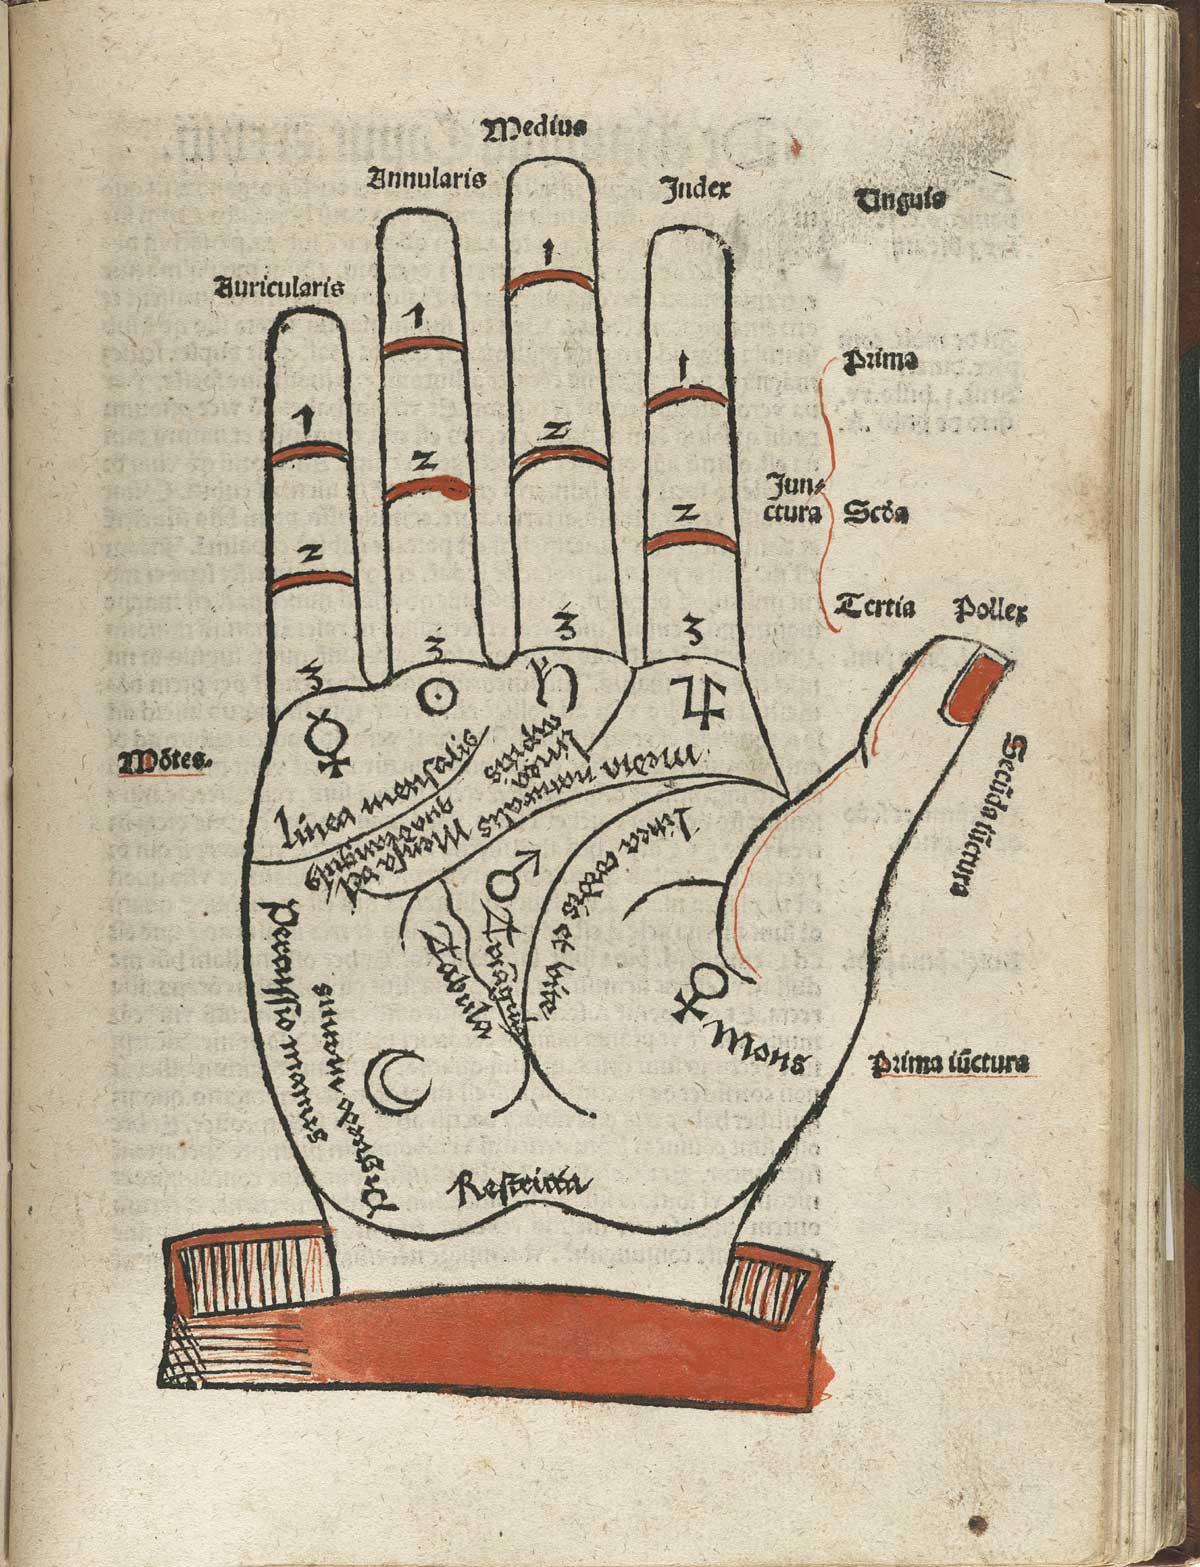 anatomia 24